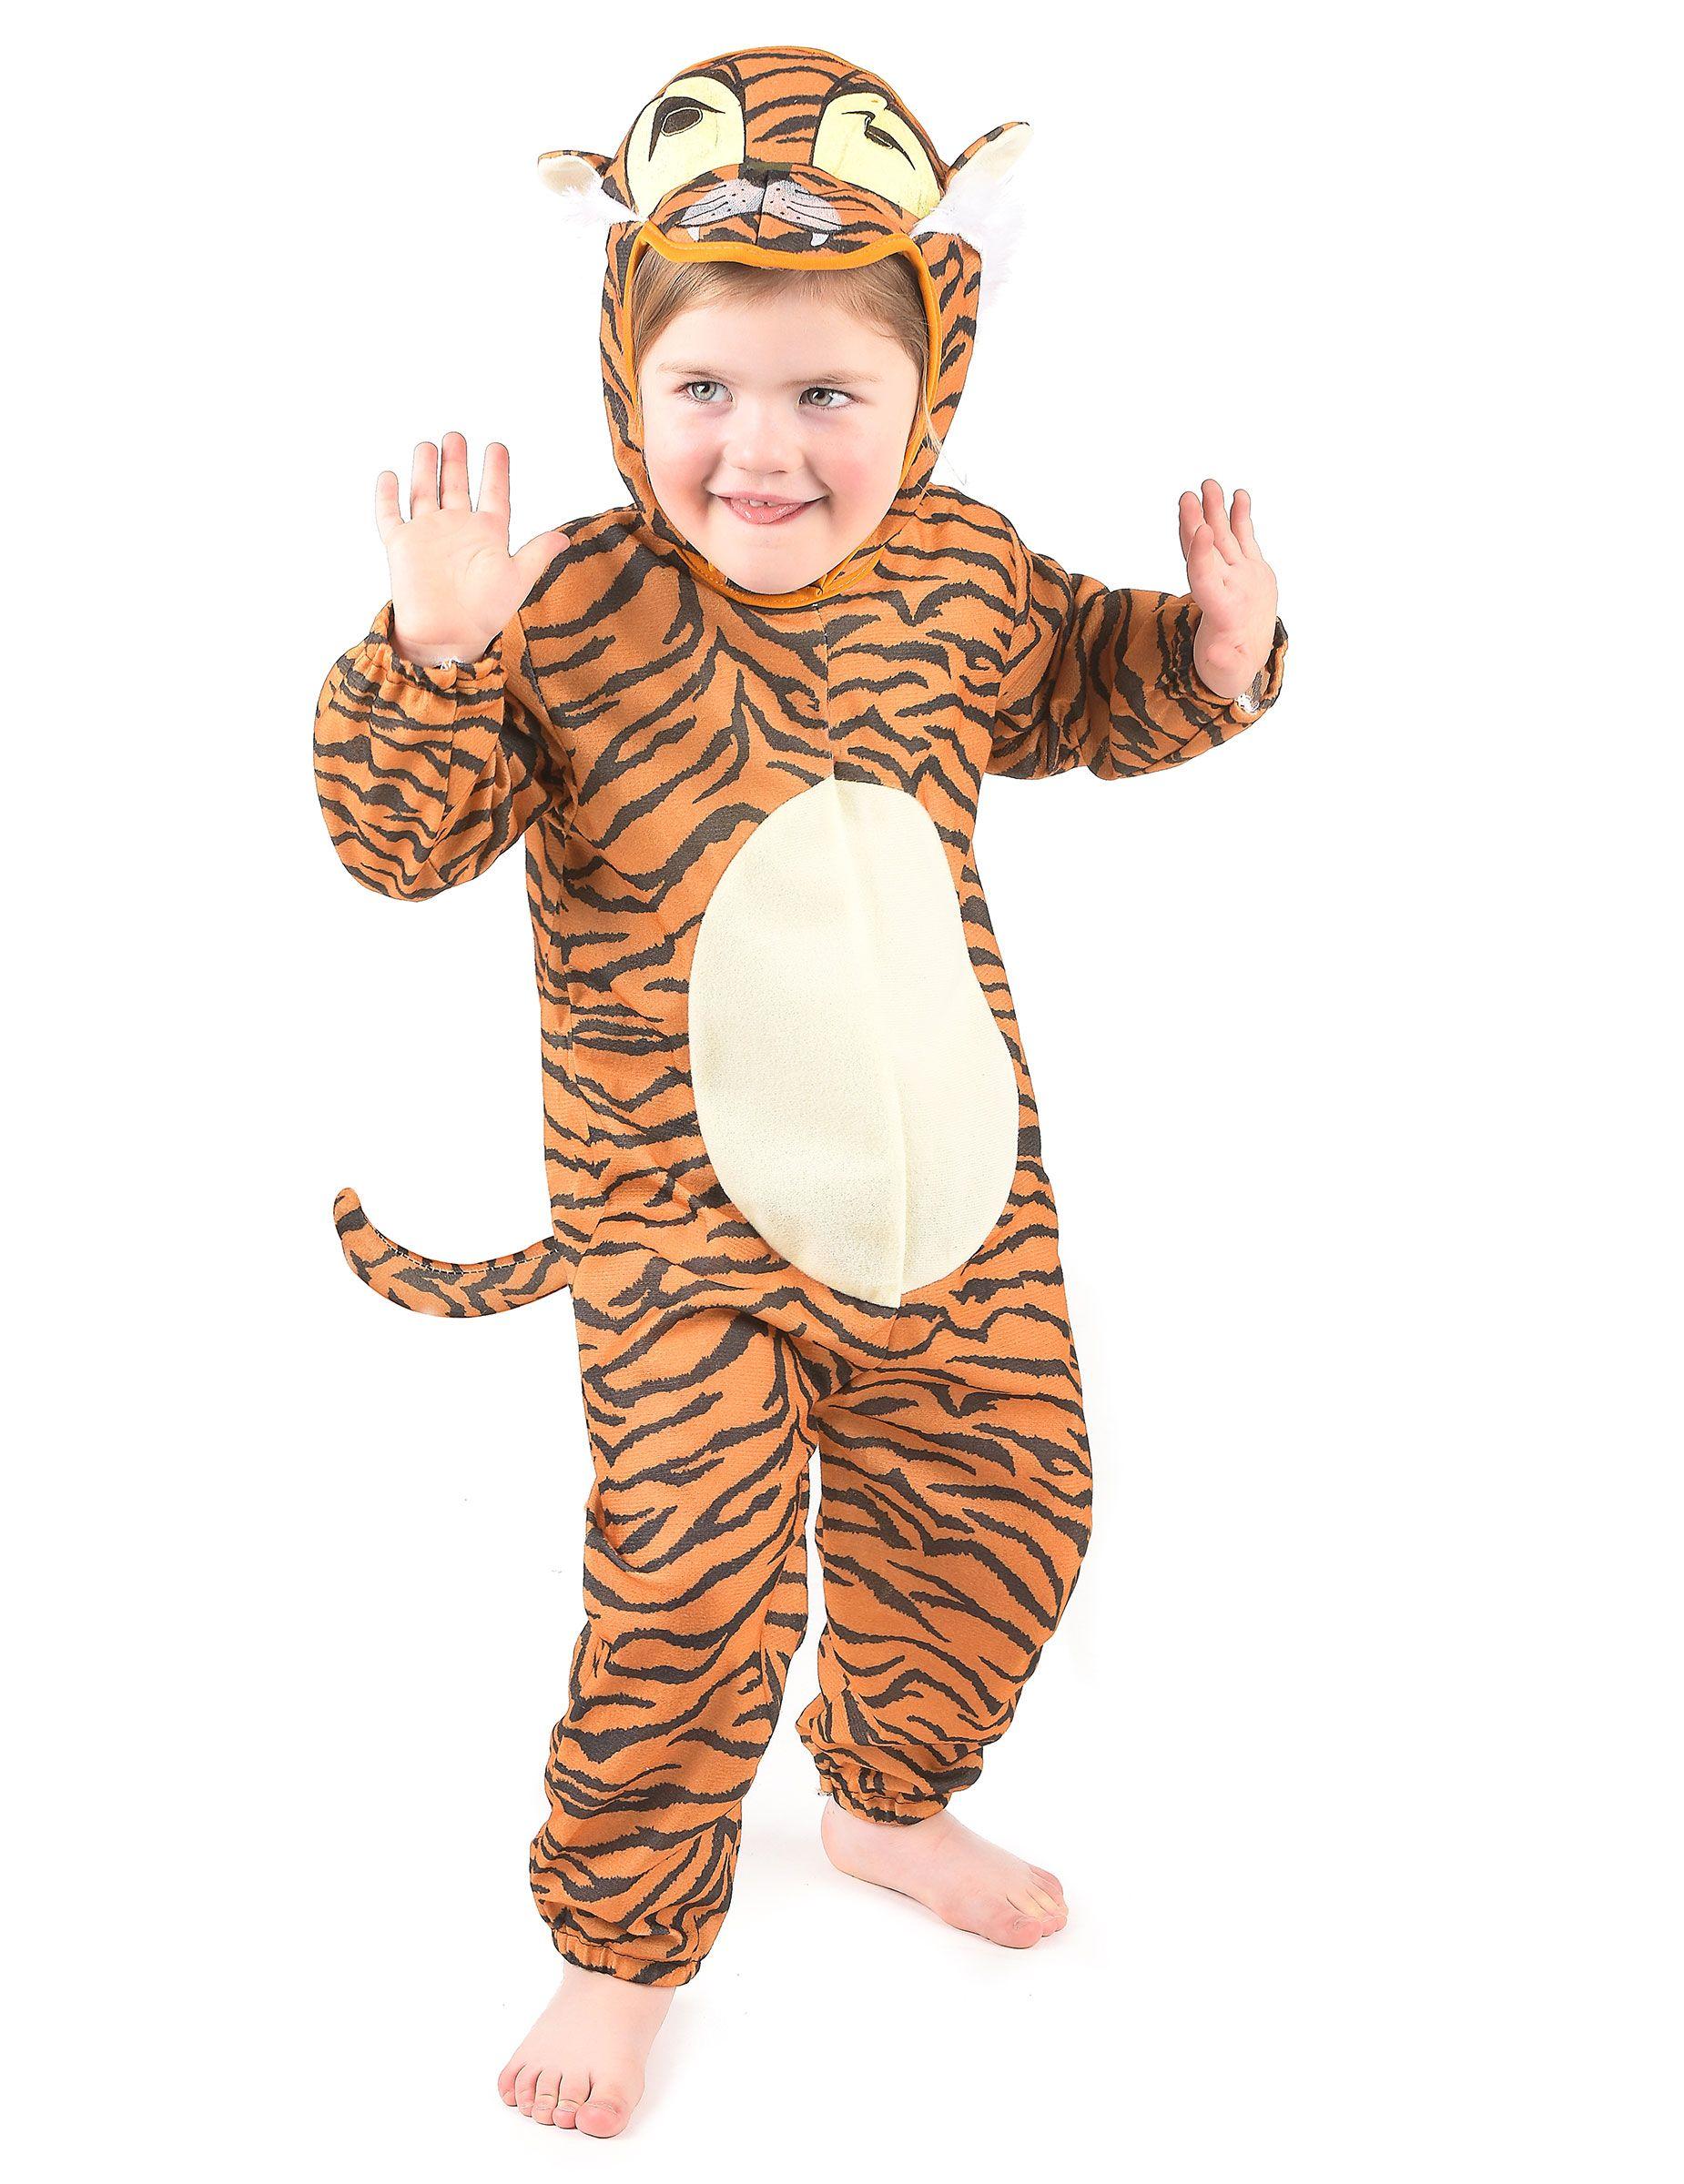 f7df89998 Disfraz de tigre para niño o niña  Disfraz de tigre para niño o niña  compuesto por  una combinación atigrada con círculo blanco en el vientre   ...